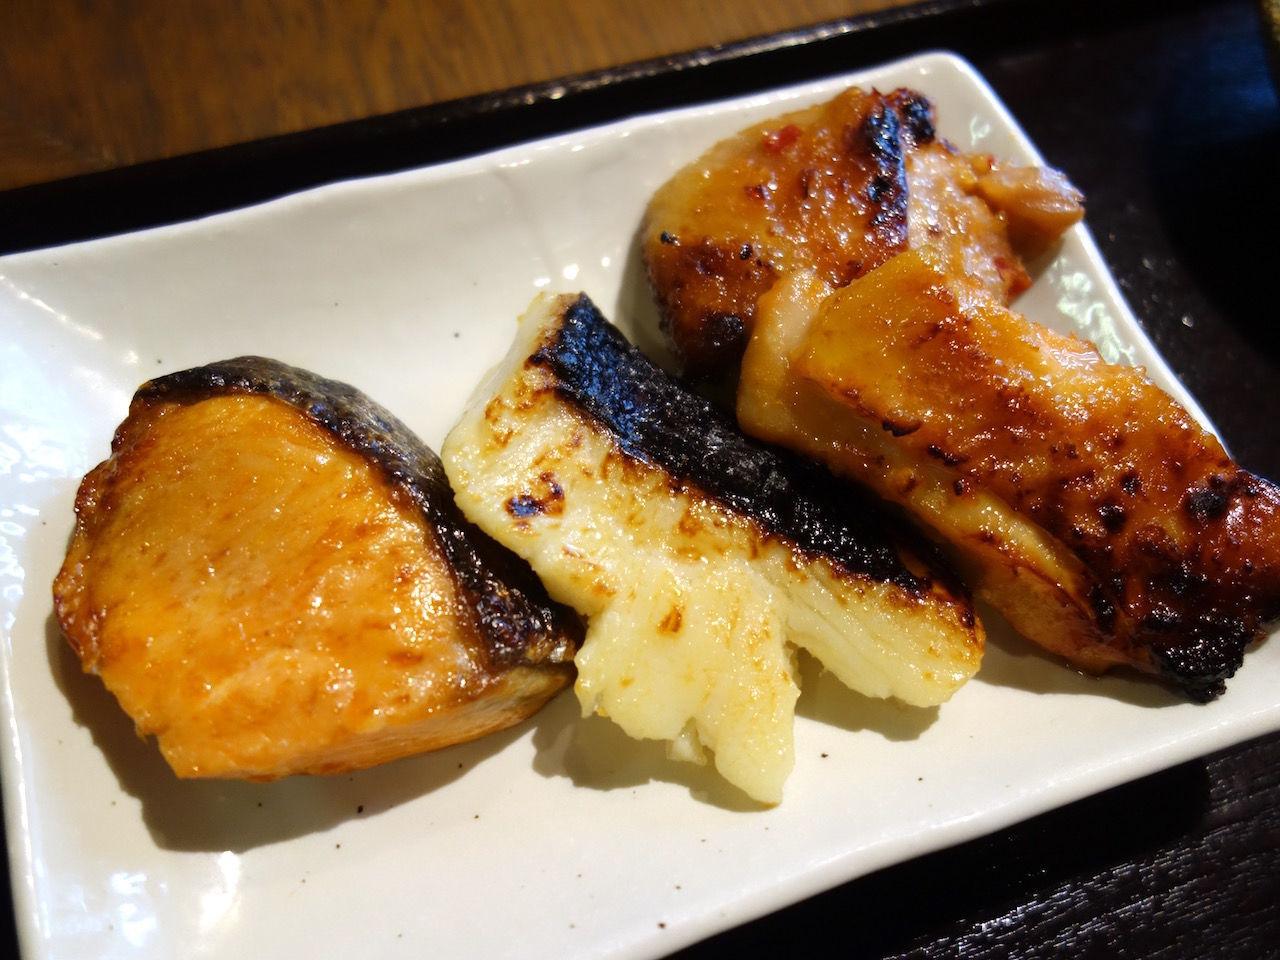 焼き 西京 金 兵衛 『西京焼きの豚丼のユニークさは買えますが、色々と問題も・・』by トントンマン